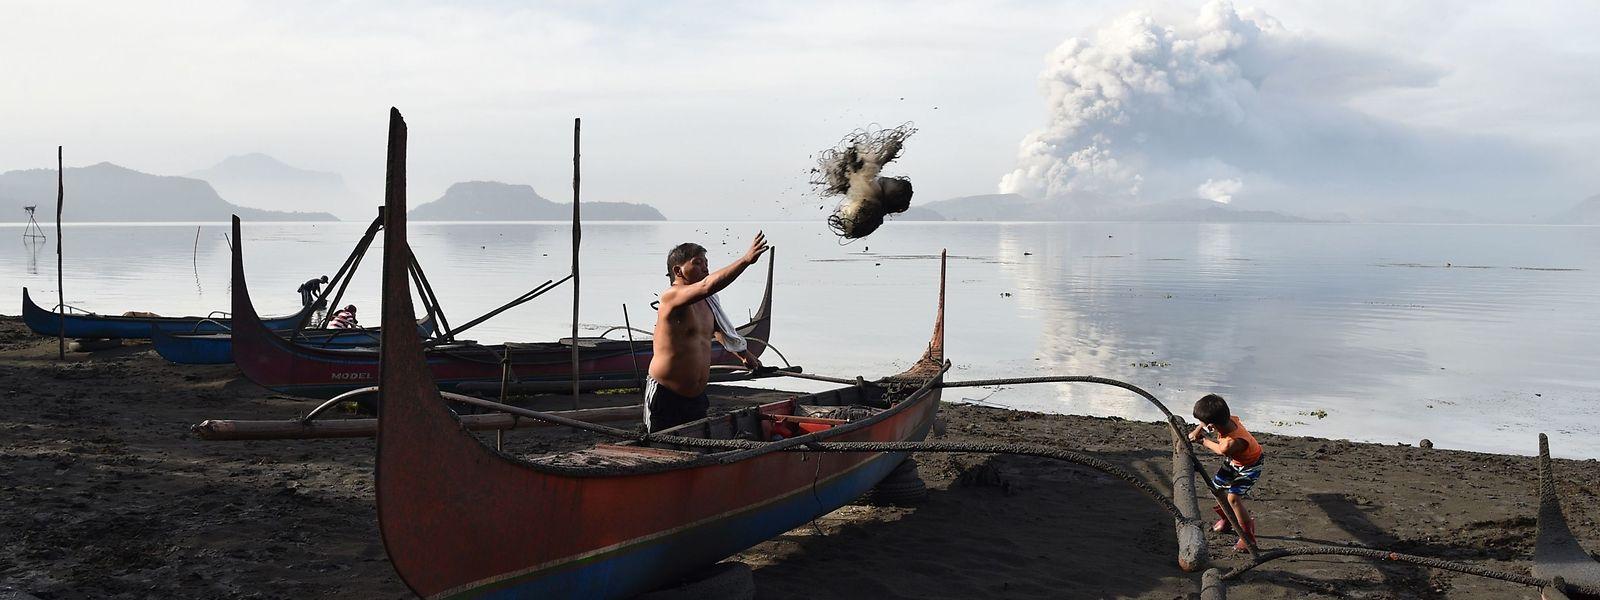 Ein Bewohner der Stadt Tanauan auf den Philippinen entfernt Schlamm und Asche von seinem Auslegerboot, während im Hintergrund eine Rauchwolke über dem Vulkan Taal aufsteigt.